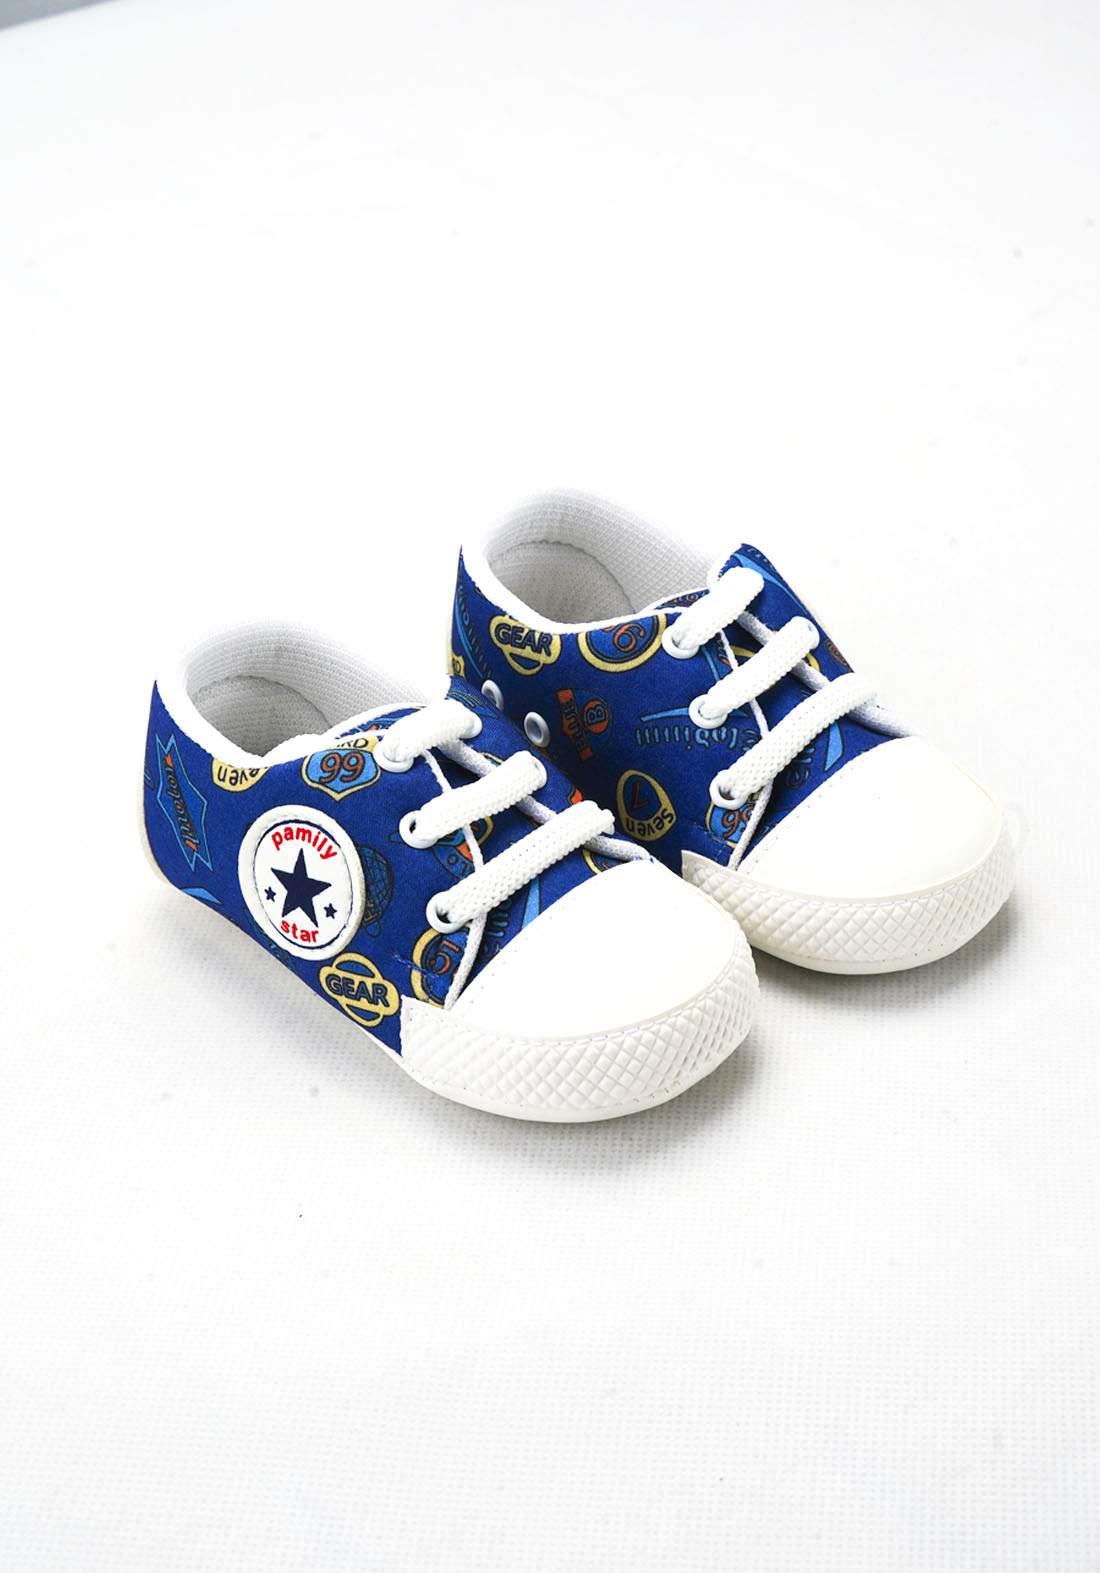 حذاء ولادي للاطفال حديثي الولادة ازرق اللون